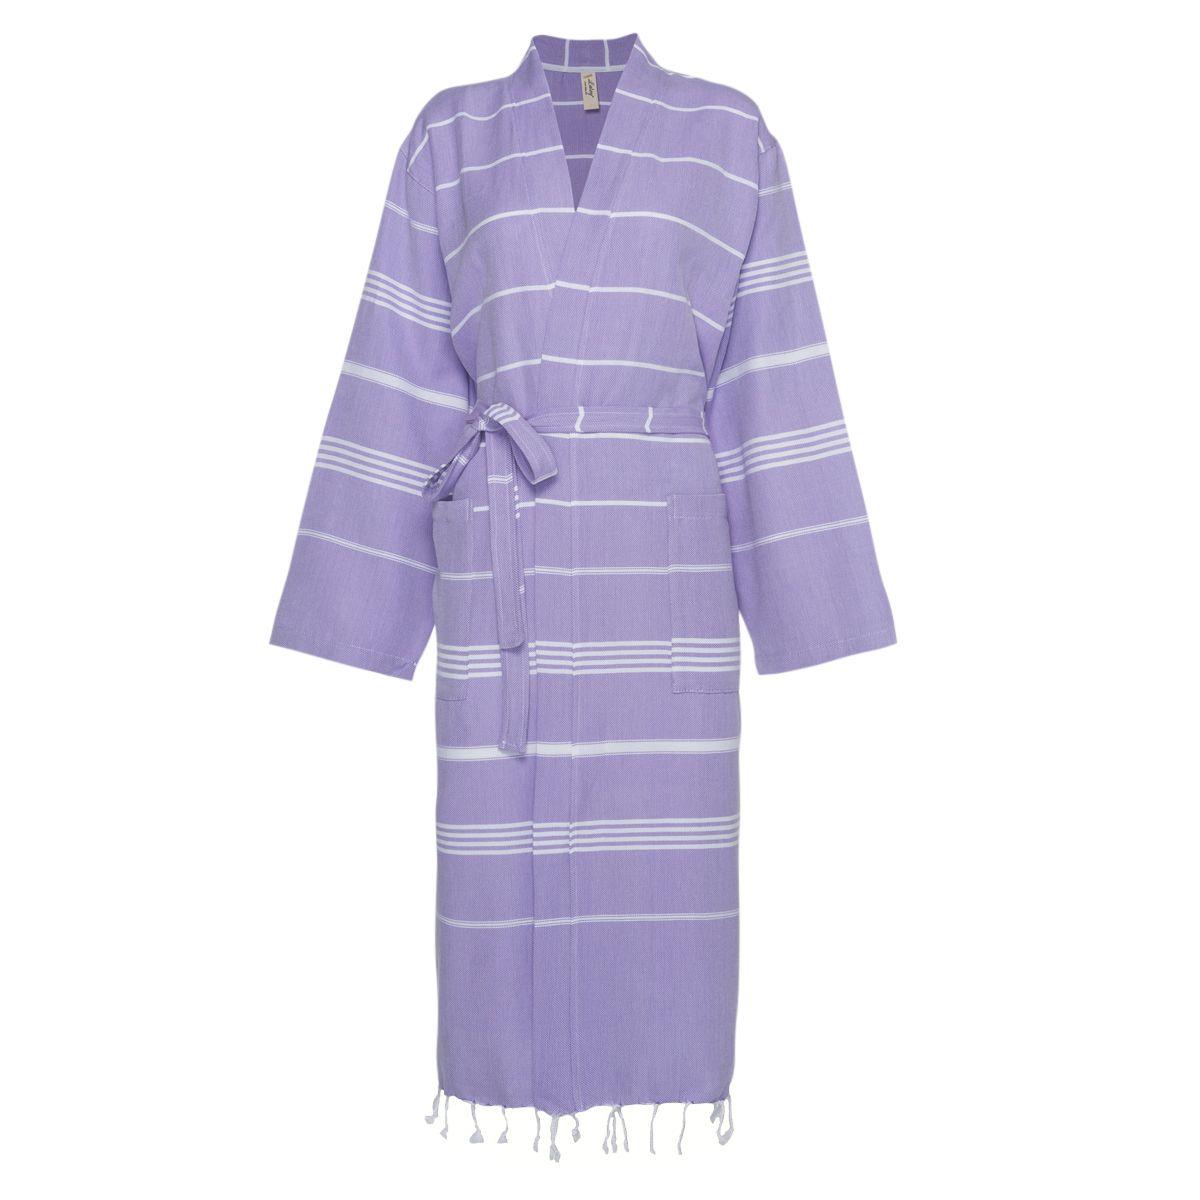 Bornoz Leyla / Kimono Yaka - Koyu Lila